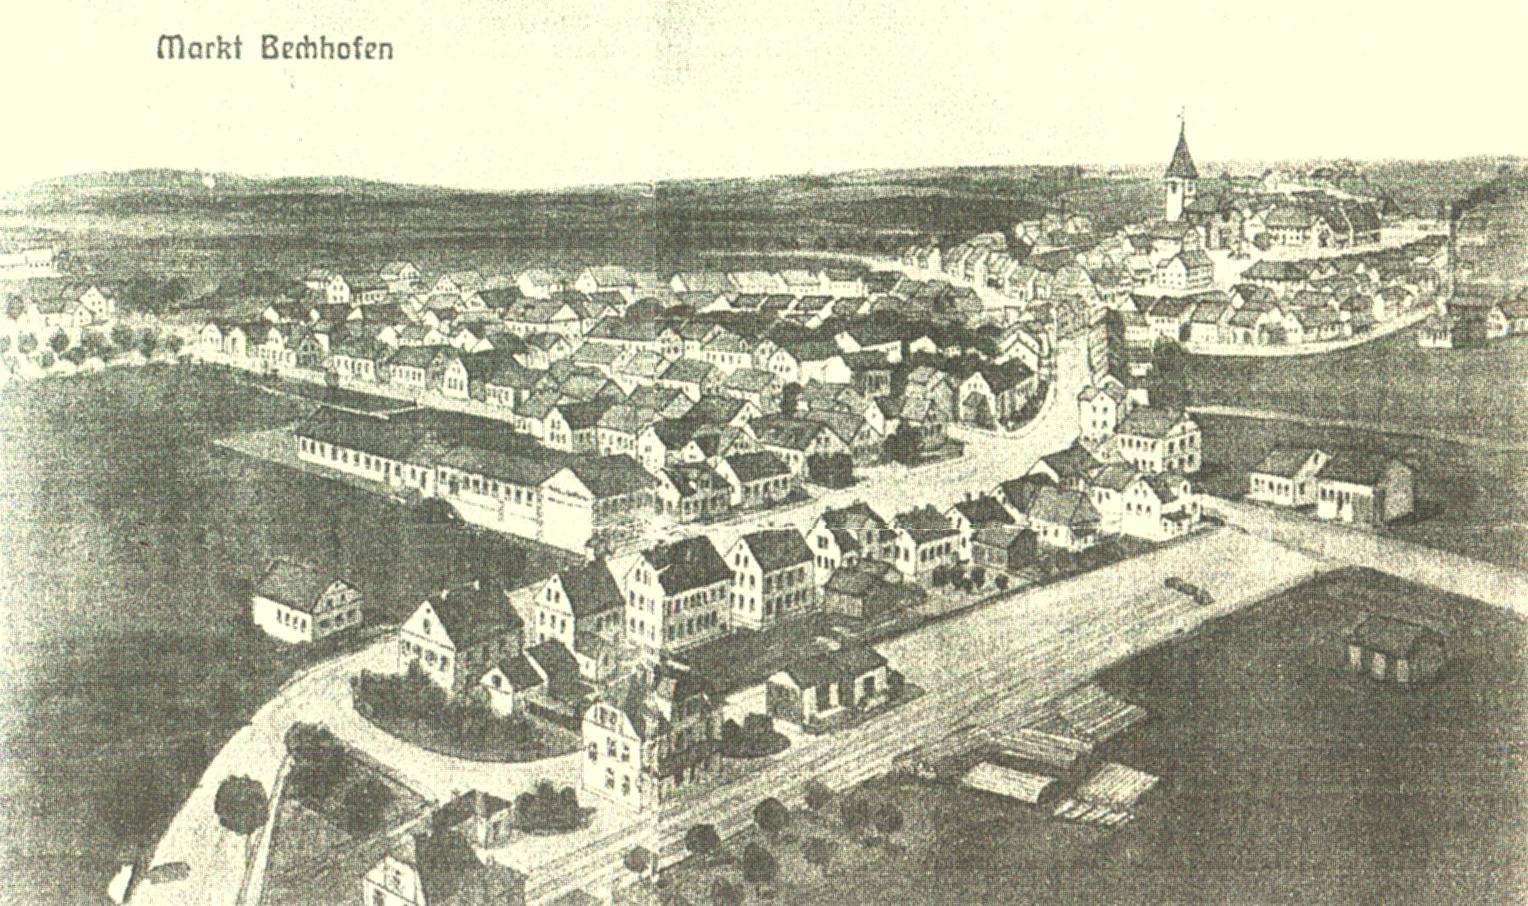 Markt Bechhofen